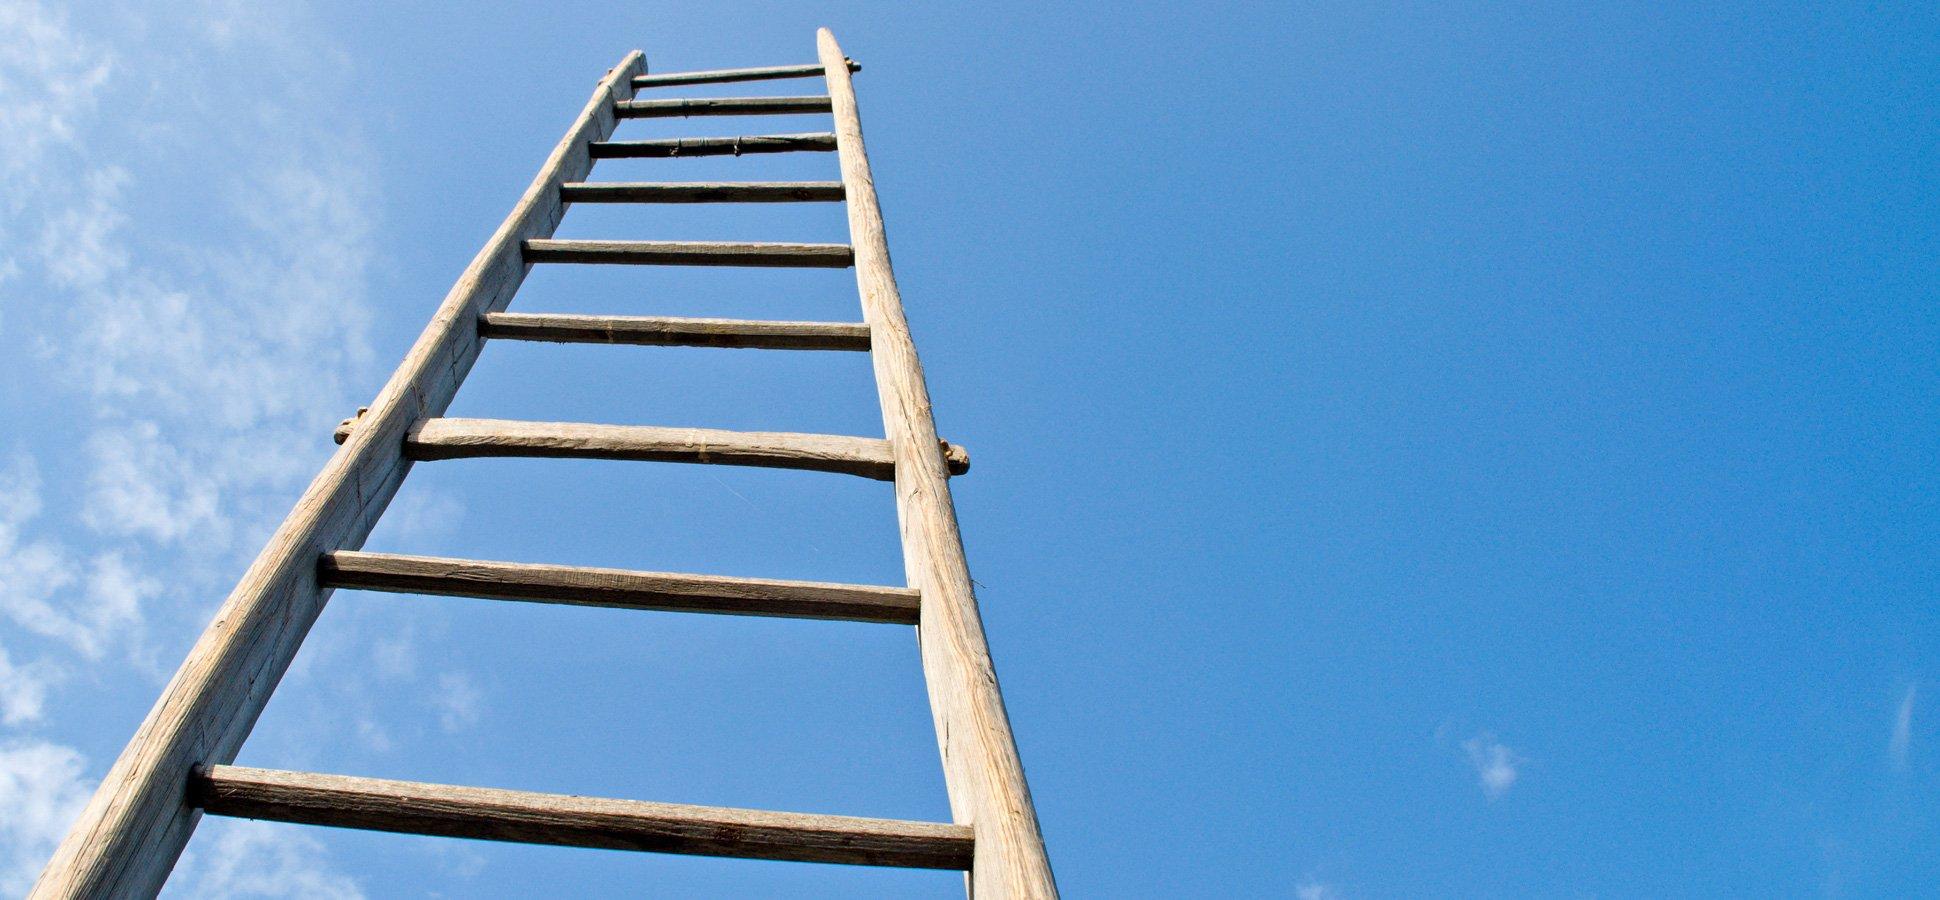 3 tangga mawas diri